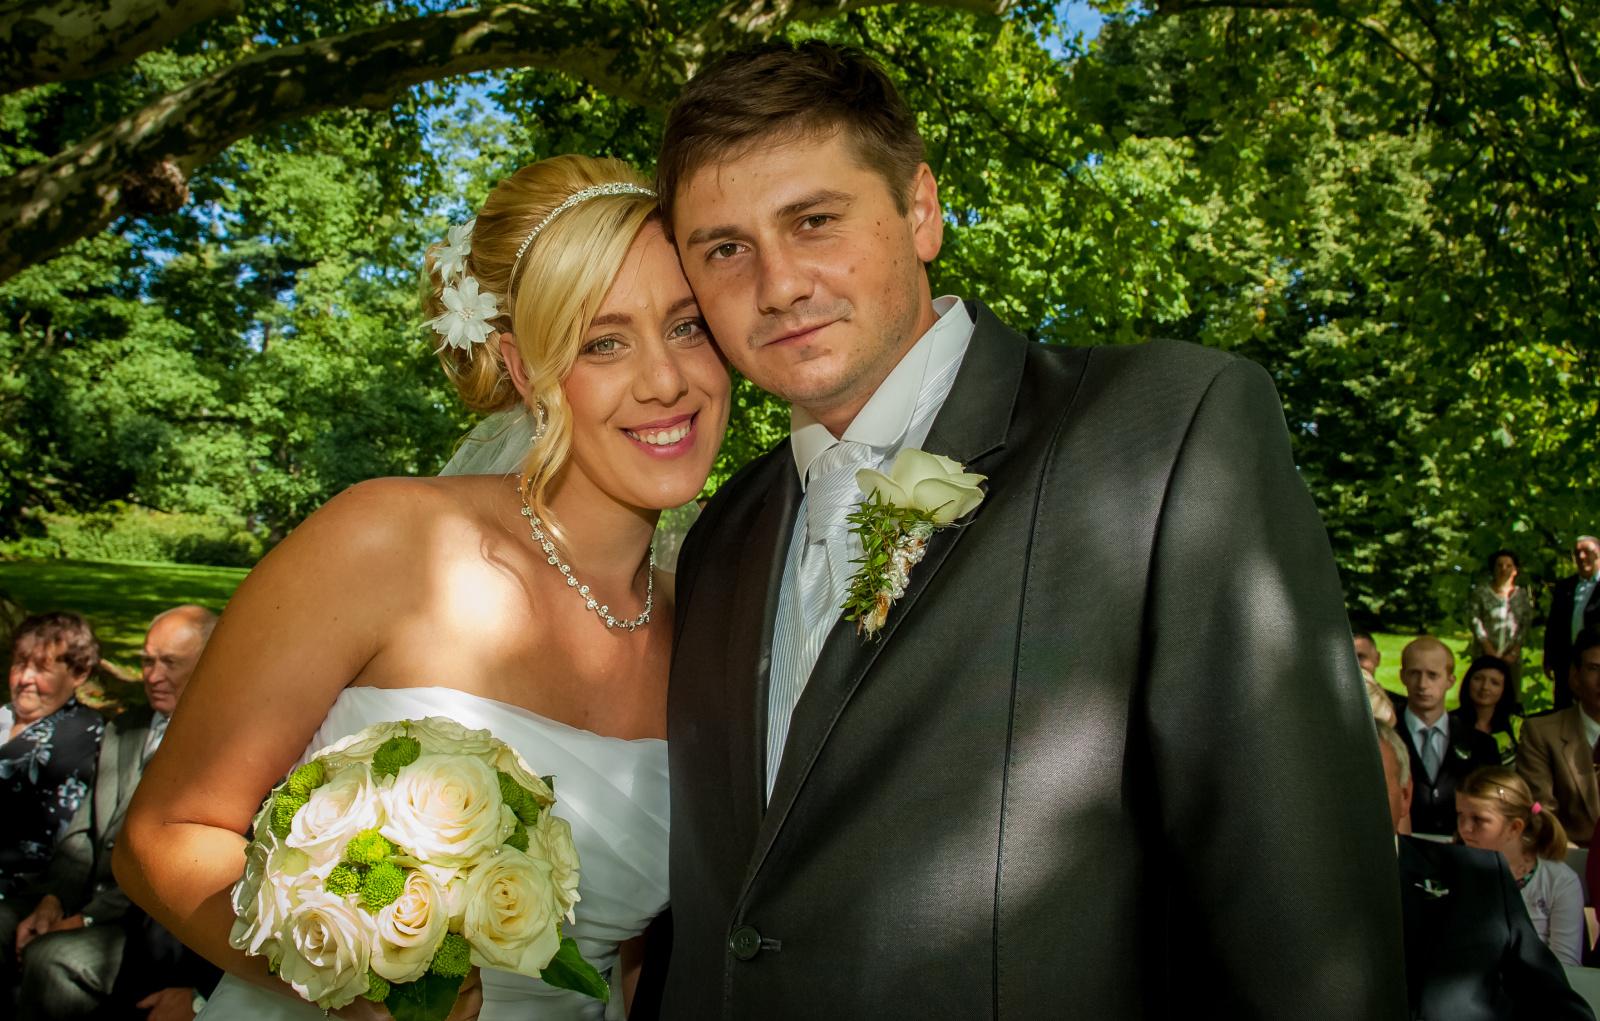 Svatební fotografie jsou vzpomínkou na celý život